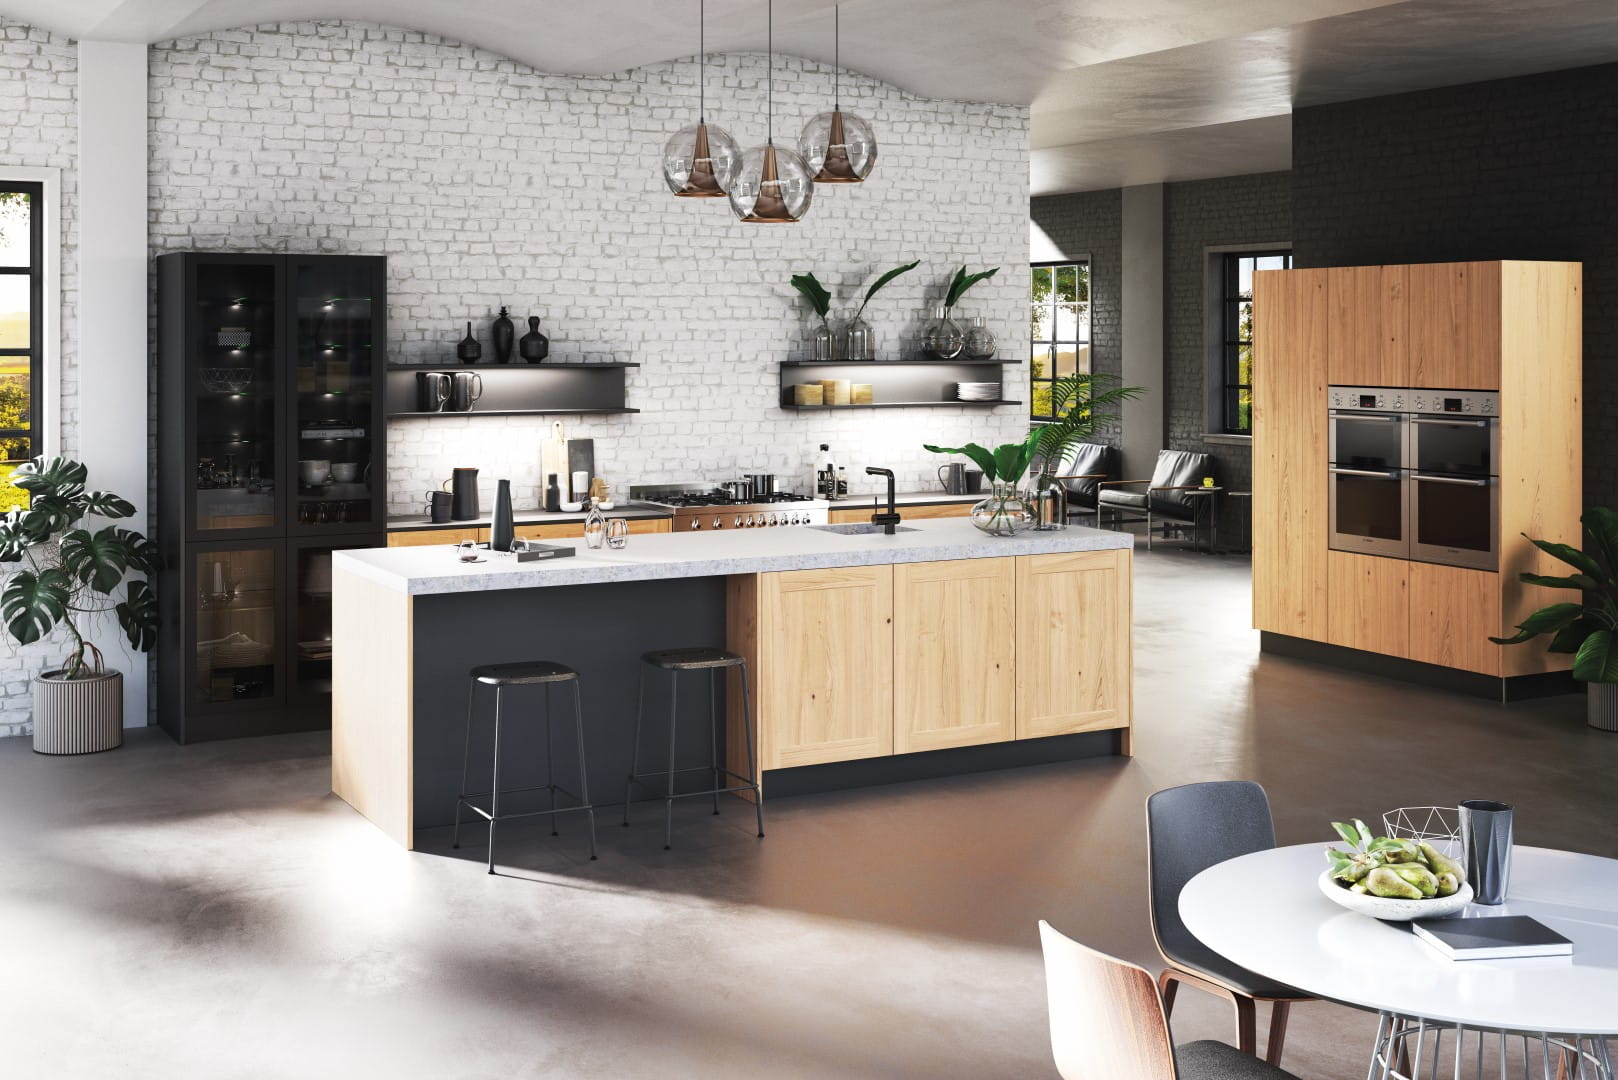 Home eje formaat keukens